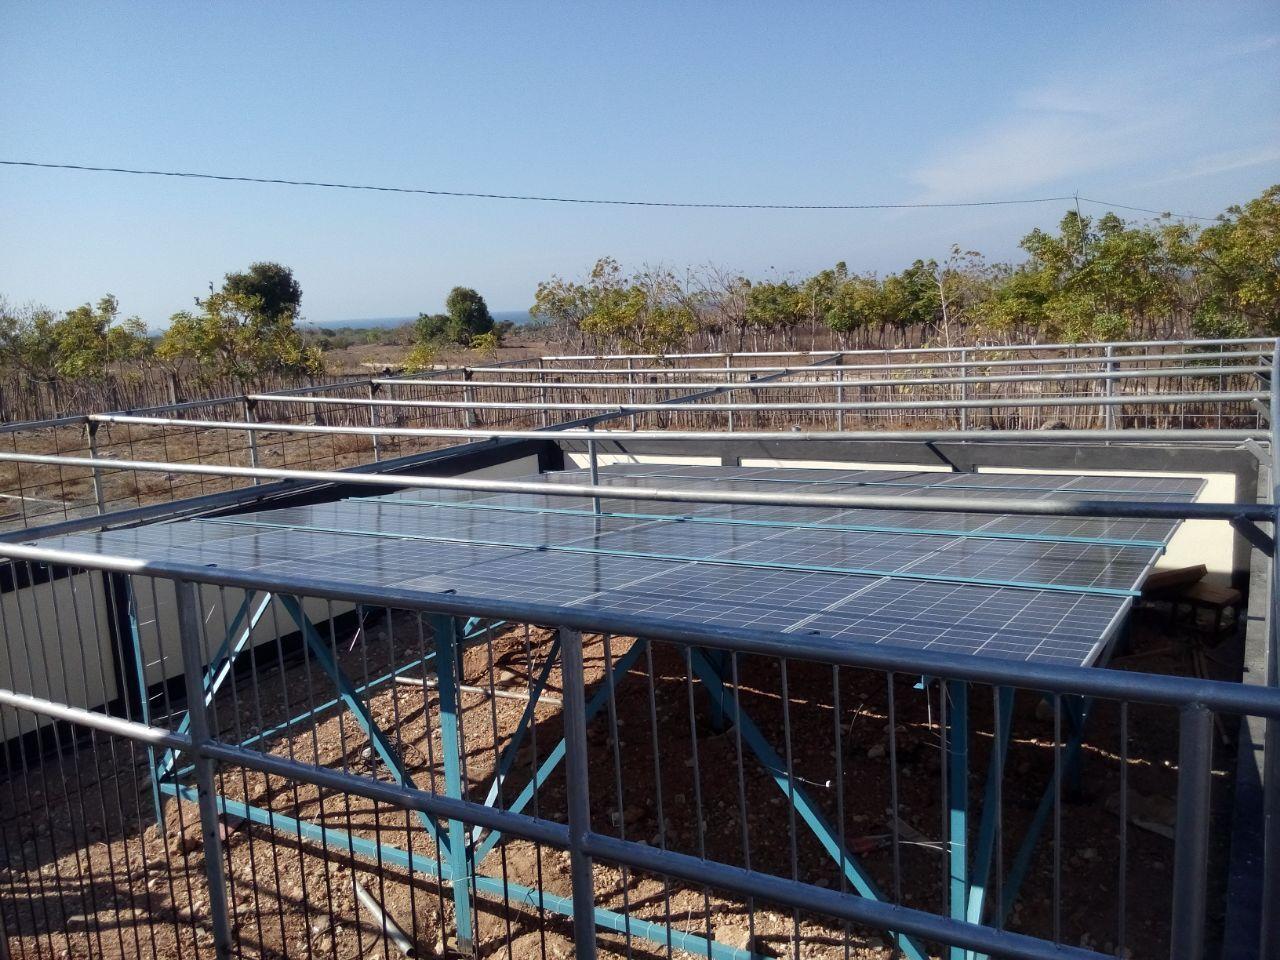 Implementasi pompa air tenaga surya lorentz di sumba timur- ntt - 2